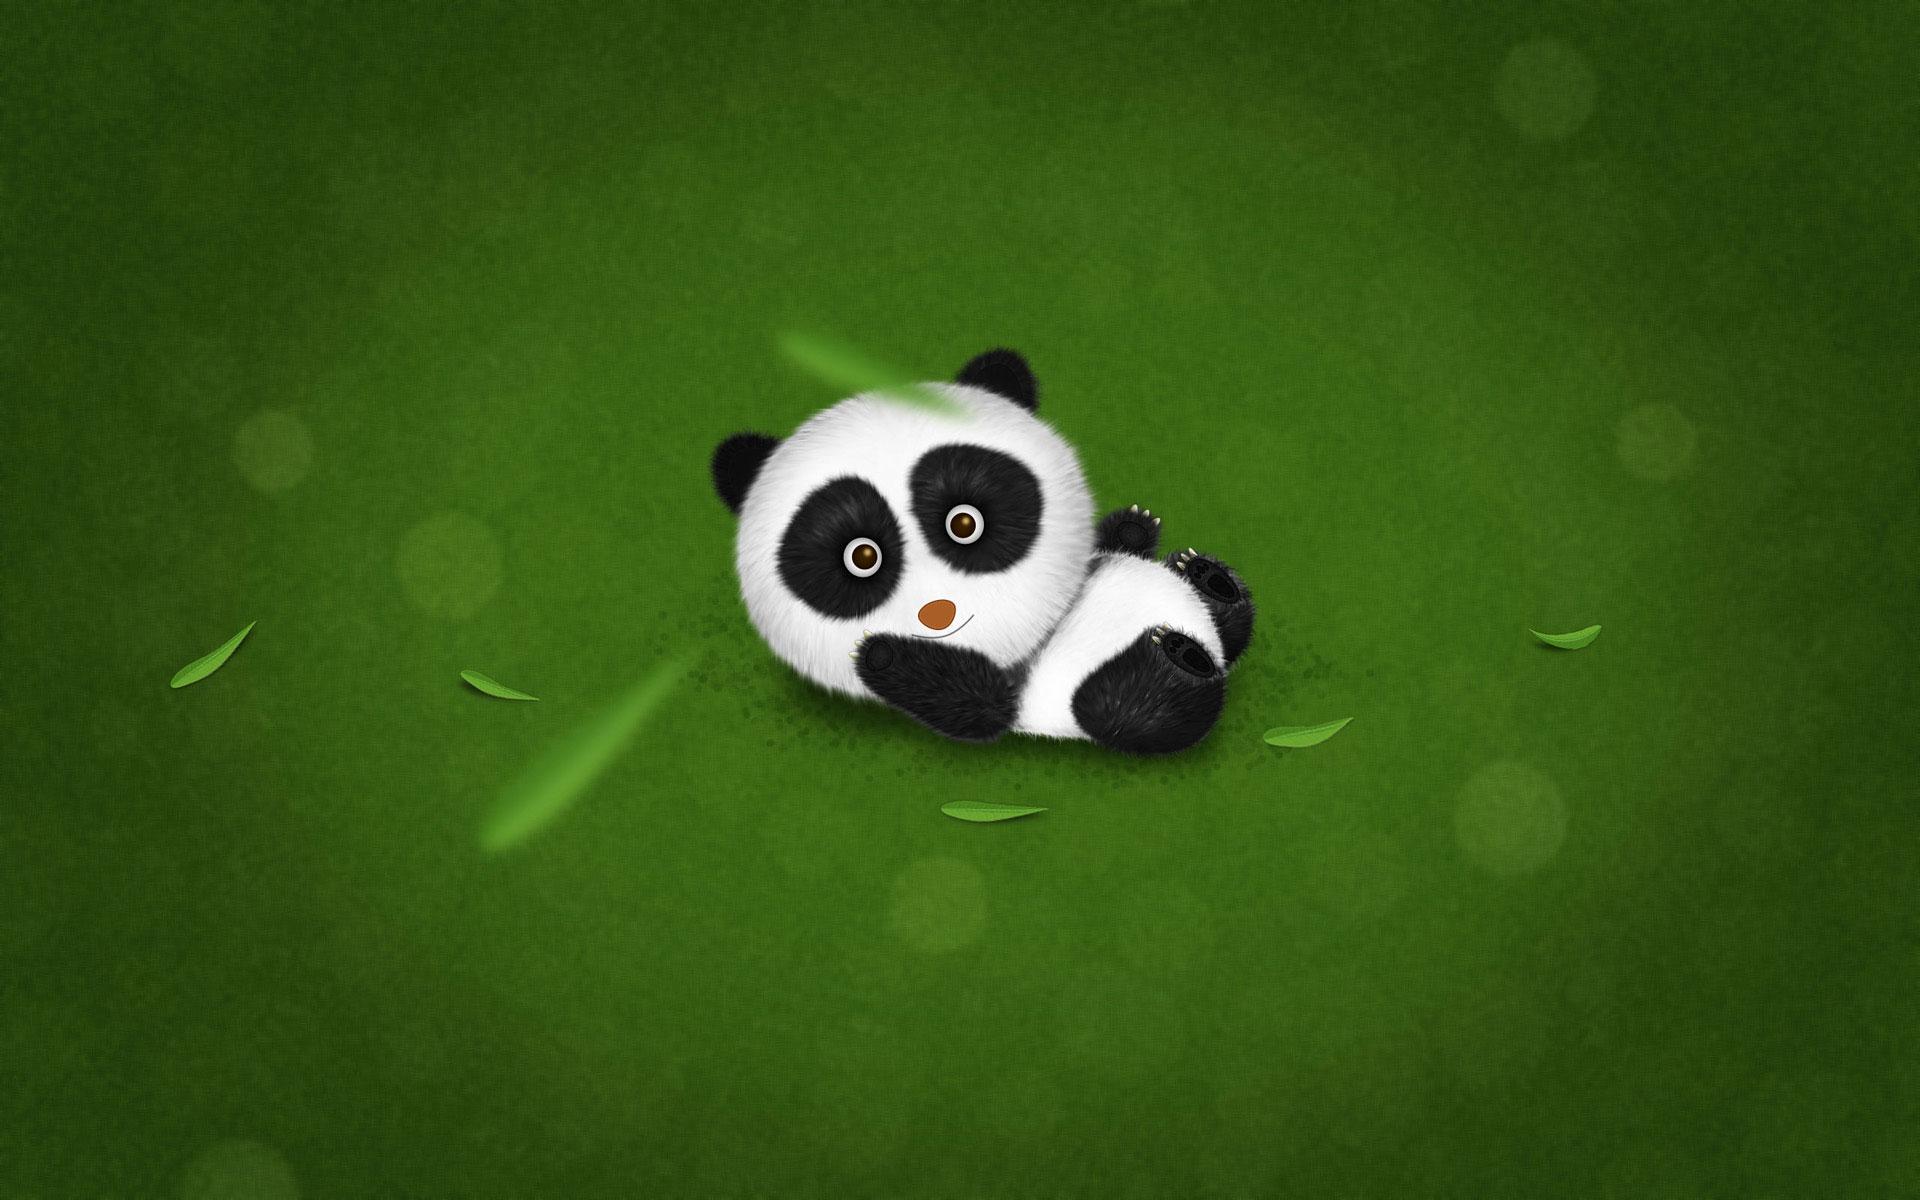 Free Wallpapers Of Cute Teddy Bears Cute Panda Wallpaper Hd Pixelstalk Net